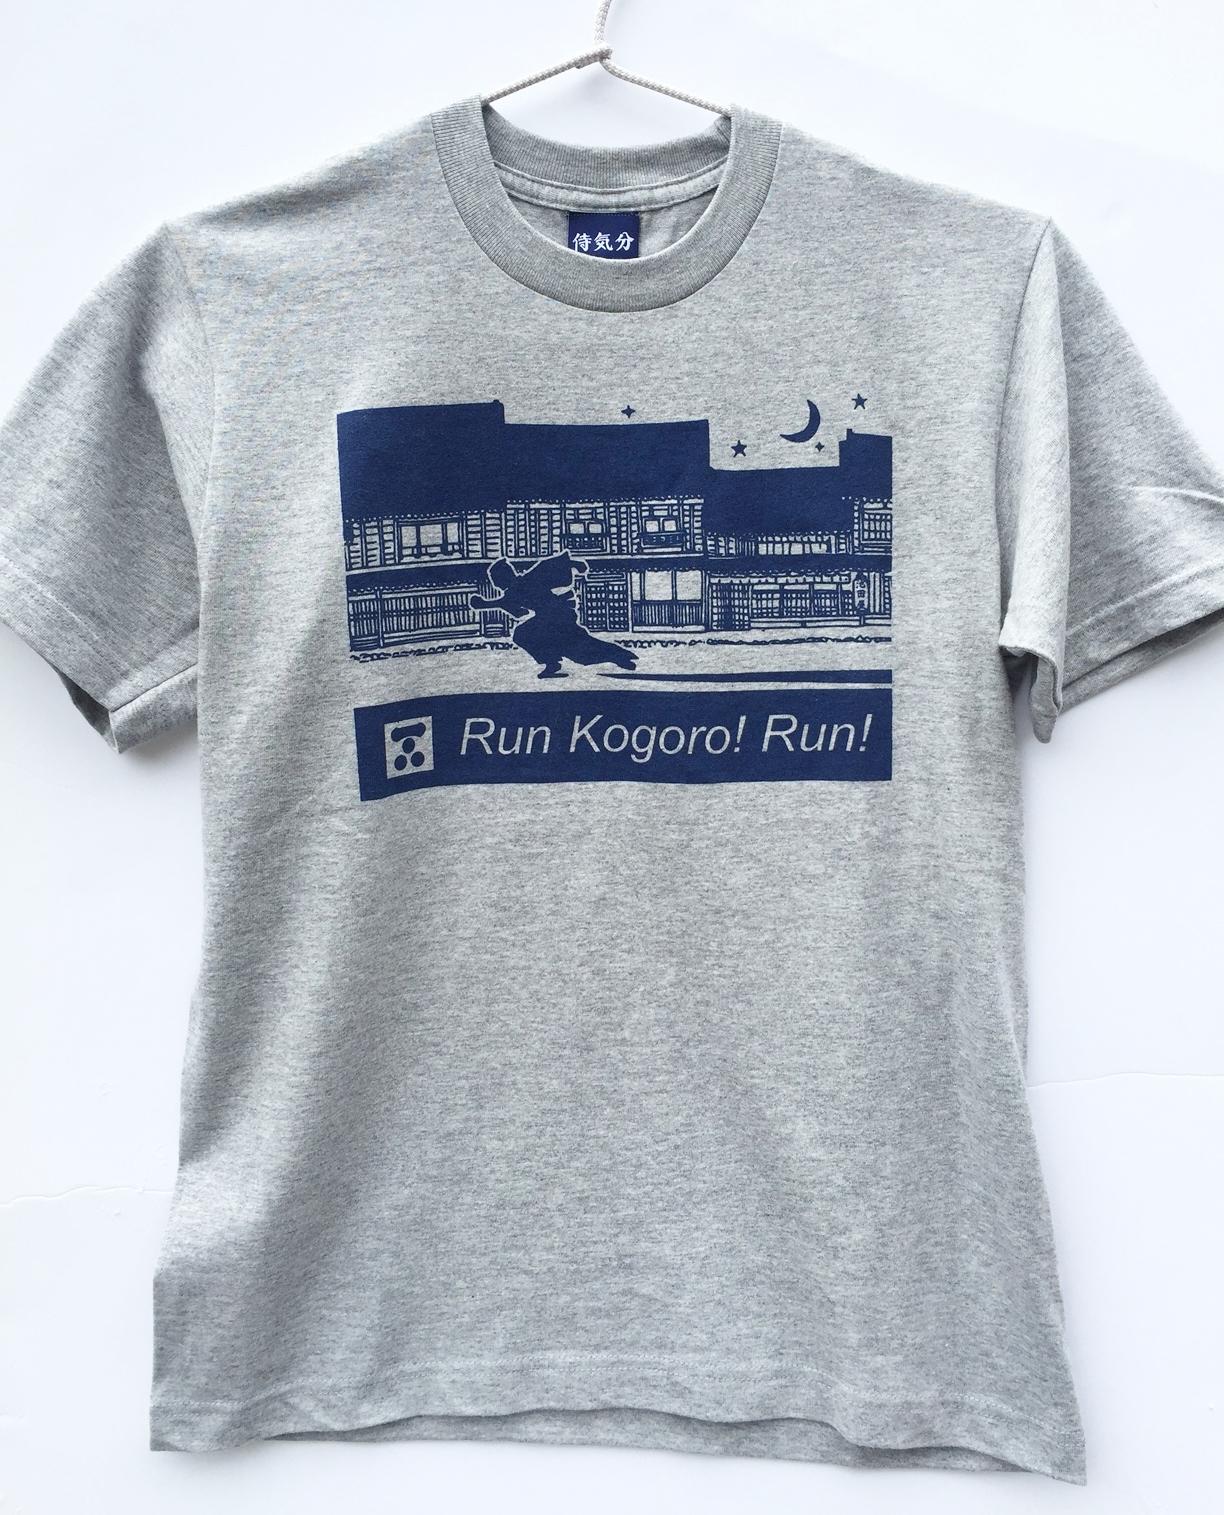 Run Kogoro! Run! 長州藩士 桂小五郎Tシャツ